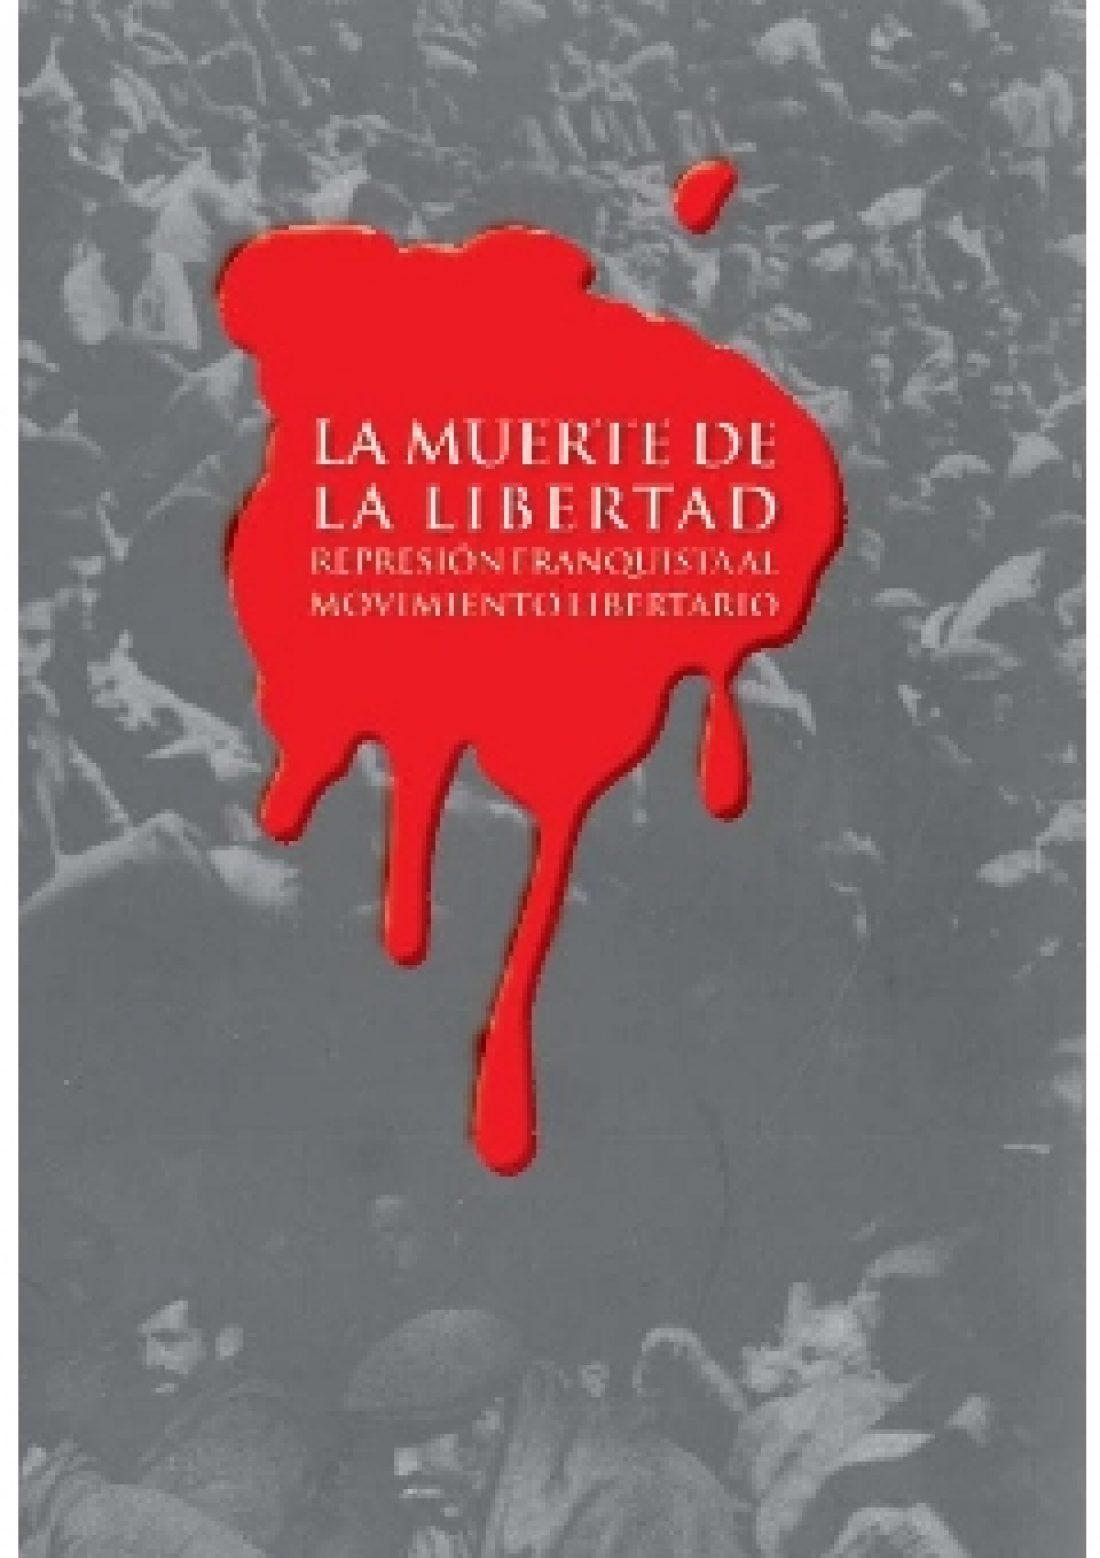 Hasta el 15 de octubre, en Madrid: Exposición itinerante «La muerte de la libertad»